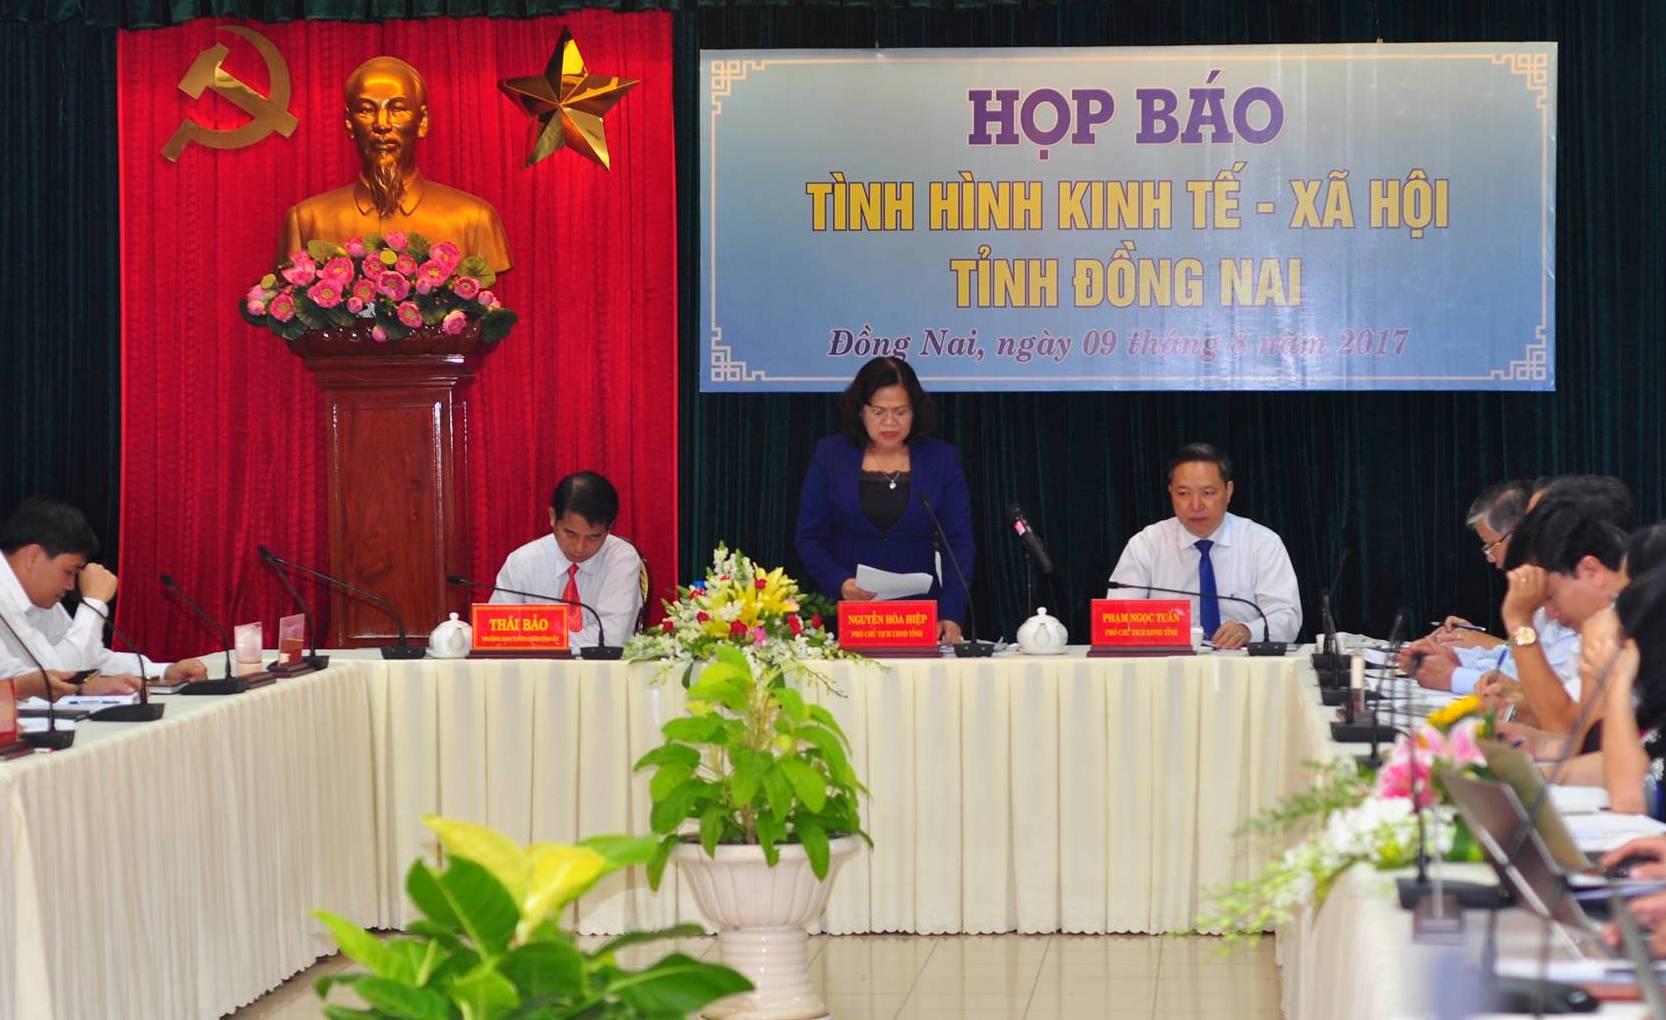 Chính trị - Xã hội - Vụ bà Phan Thị Mỹ Thanh bị kỷ luật: UBND tỉnh Đồng Nai chưa có ý kiến